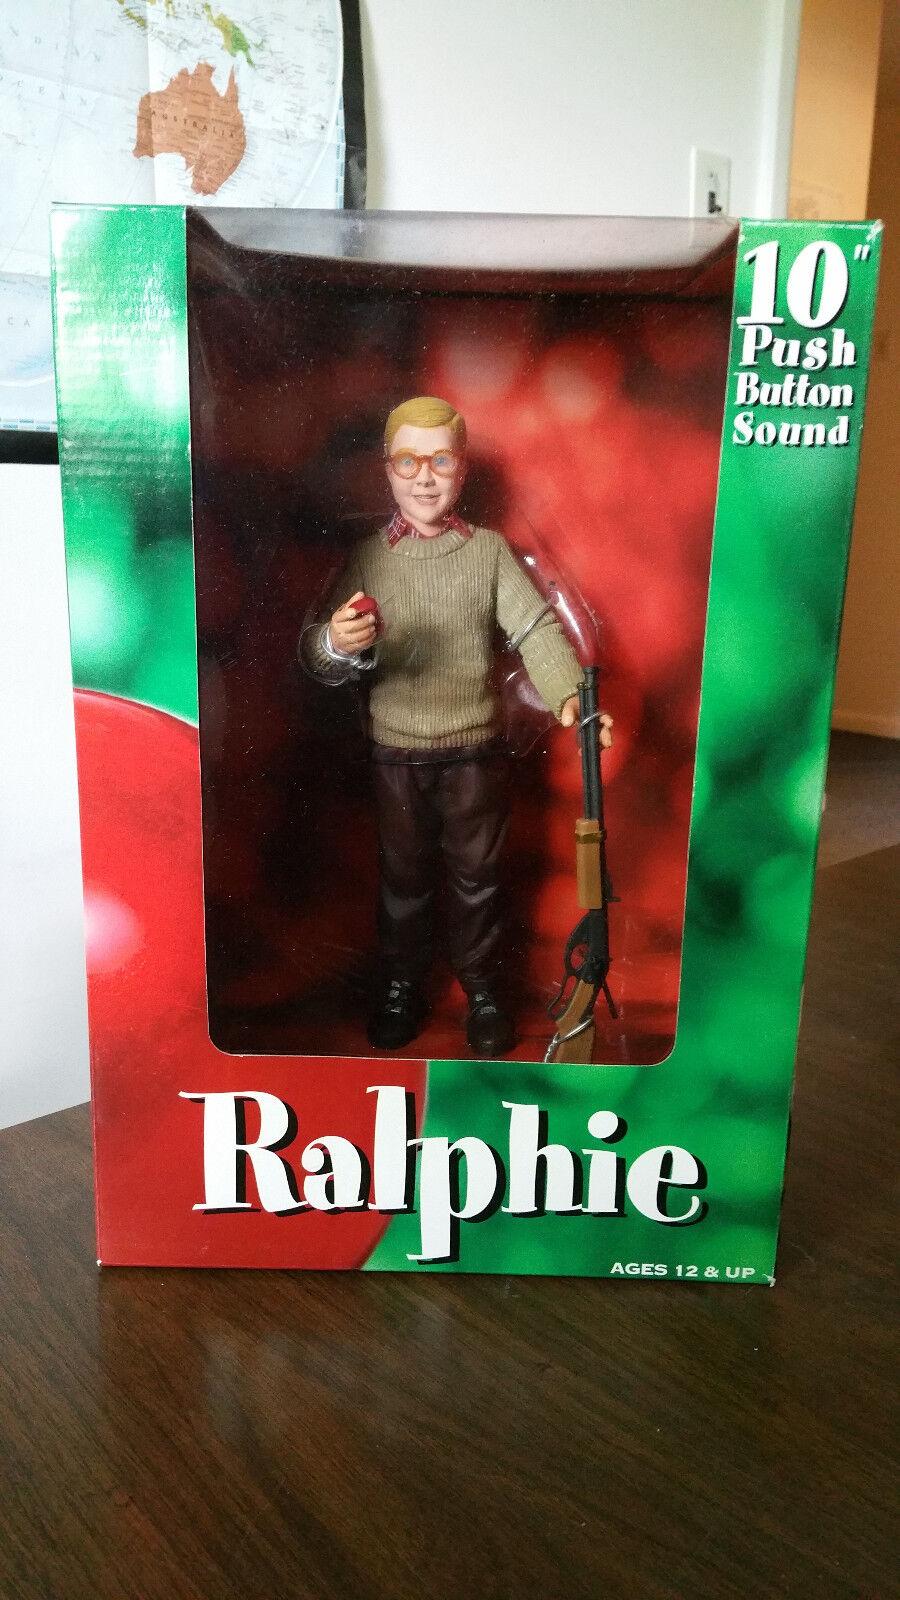 Un Cuento De Navidad Ralphie hablando Fig. Coleccionistas De Grado 18+